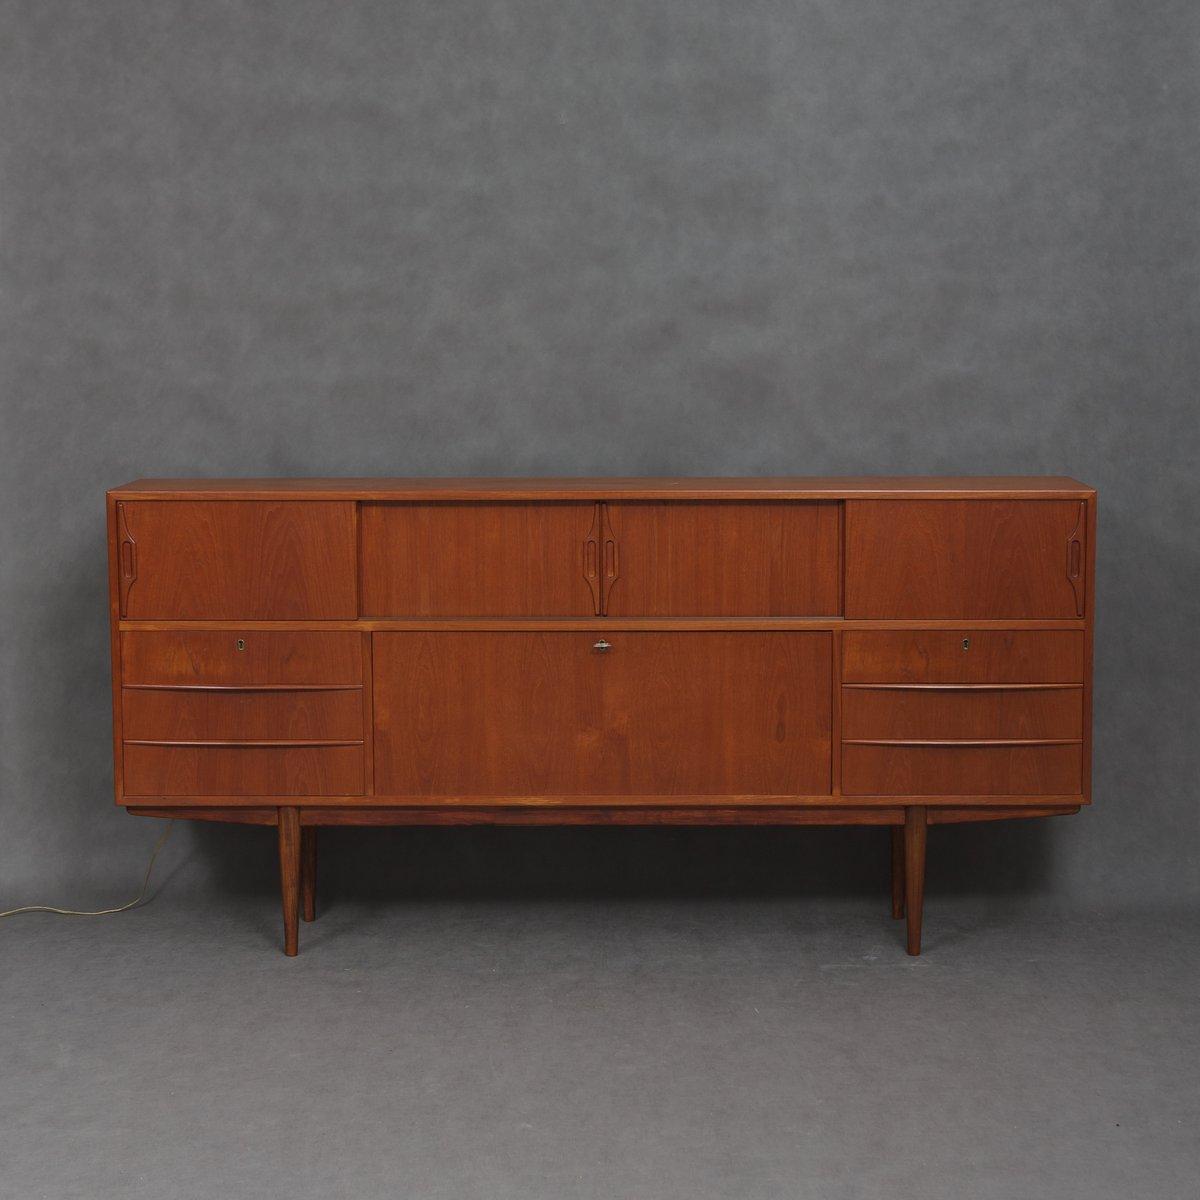 Dänisches Mid-Century Sideboard mit Beleuchtetem Bar Schrank, 1960er ...